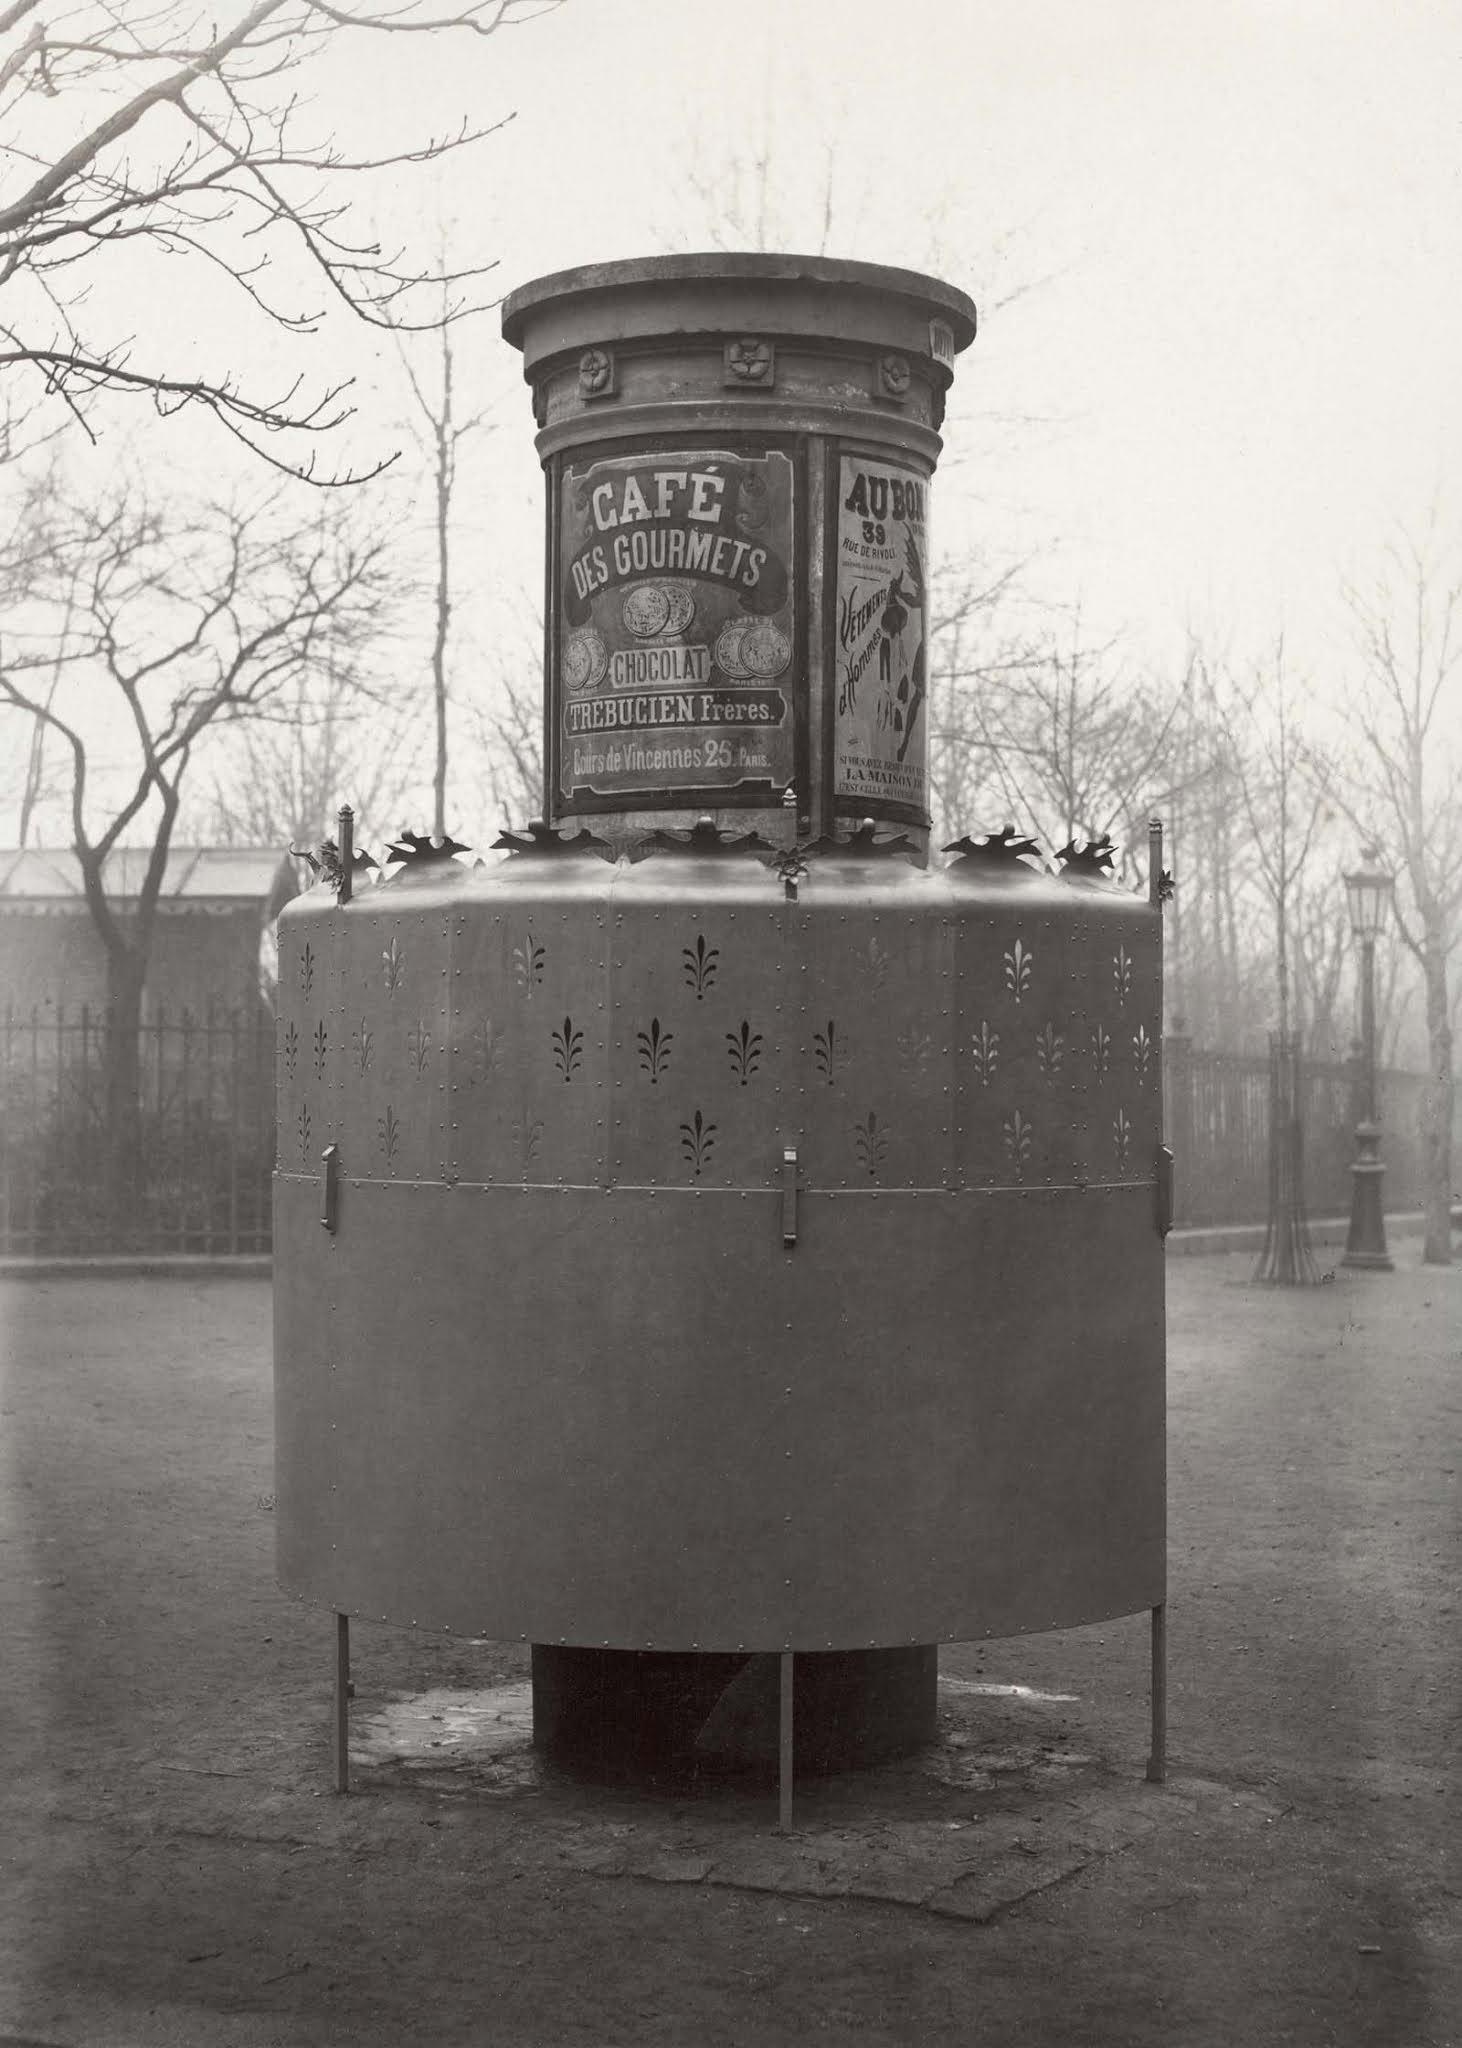 Pissoirs : Les urinoirs publics d'époque de Paris, 1865-1875